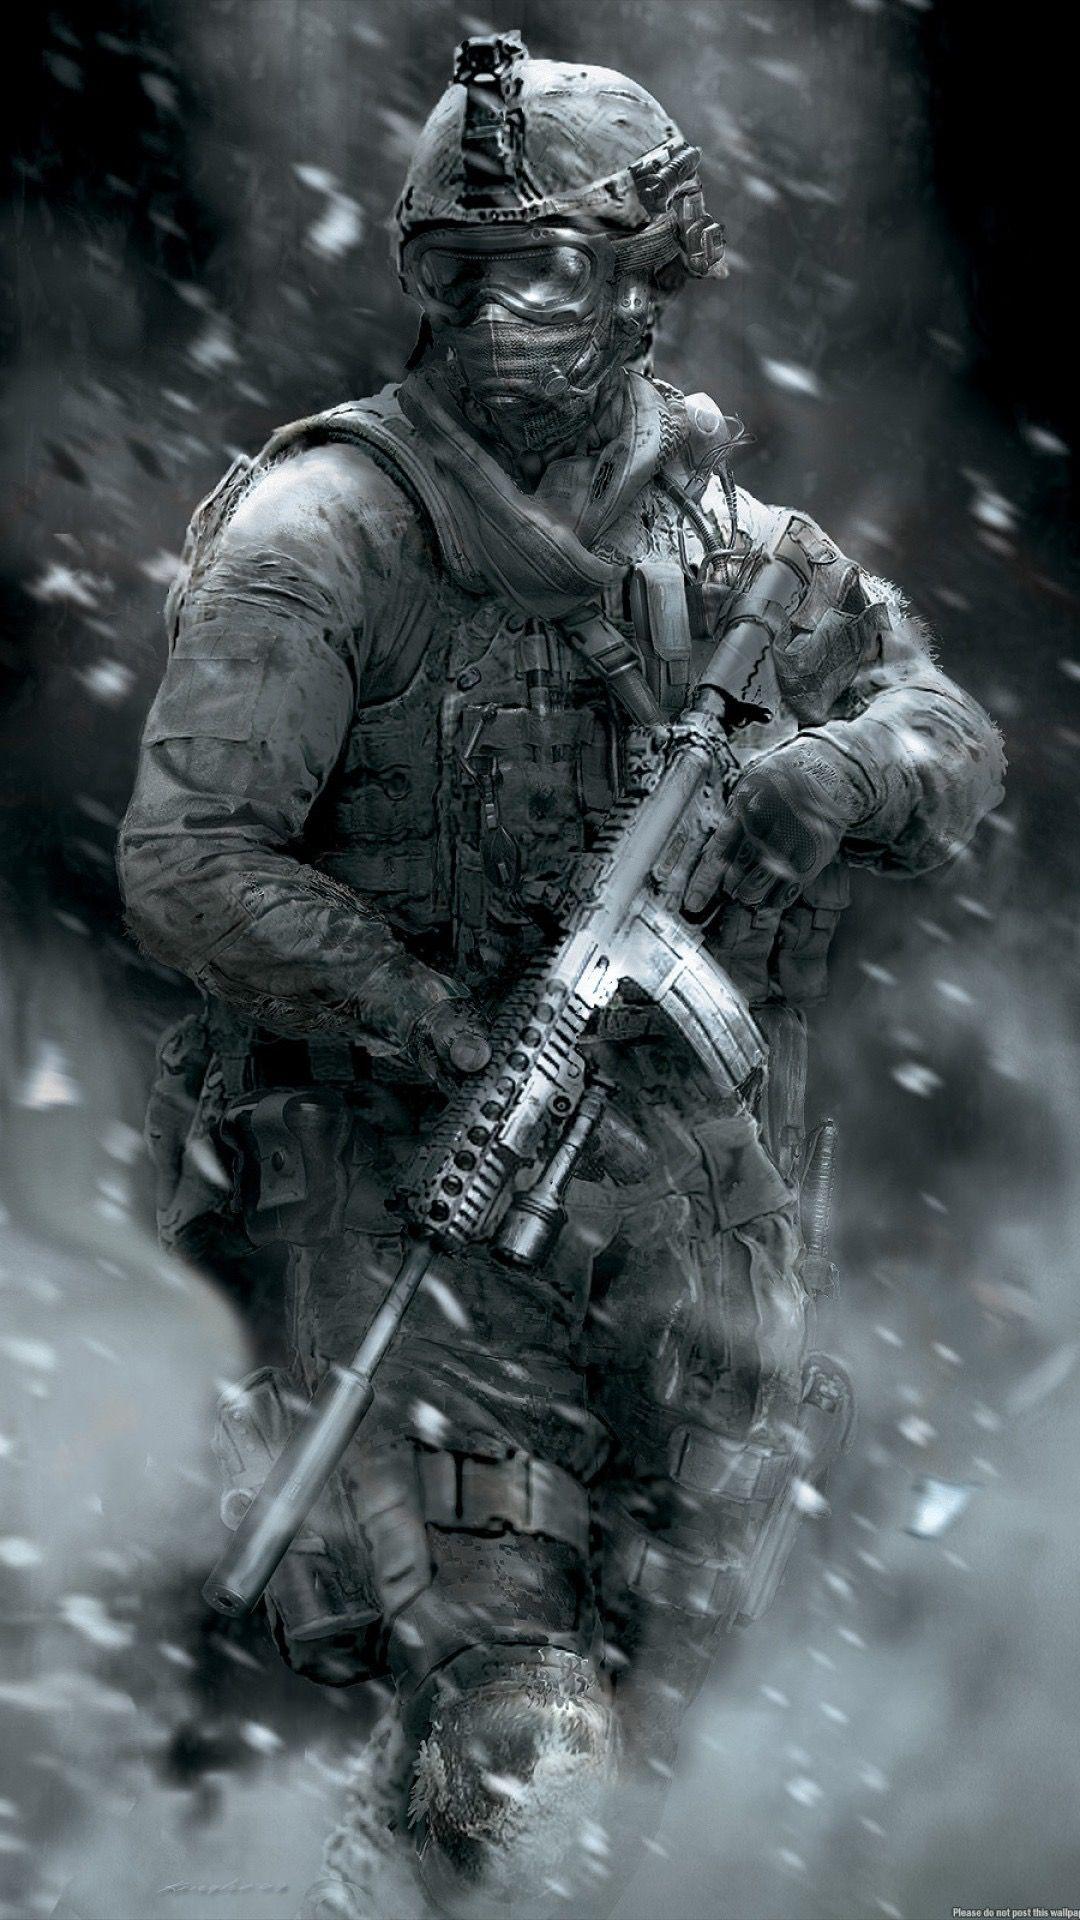 Tactical Art by ♛Eɳȥσ Cԋυα♛ Military wallpaper, Army